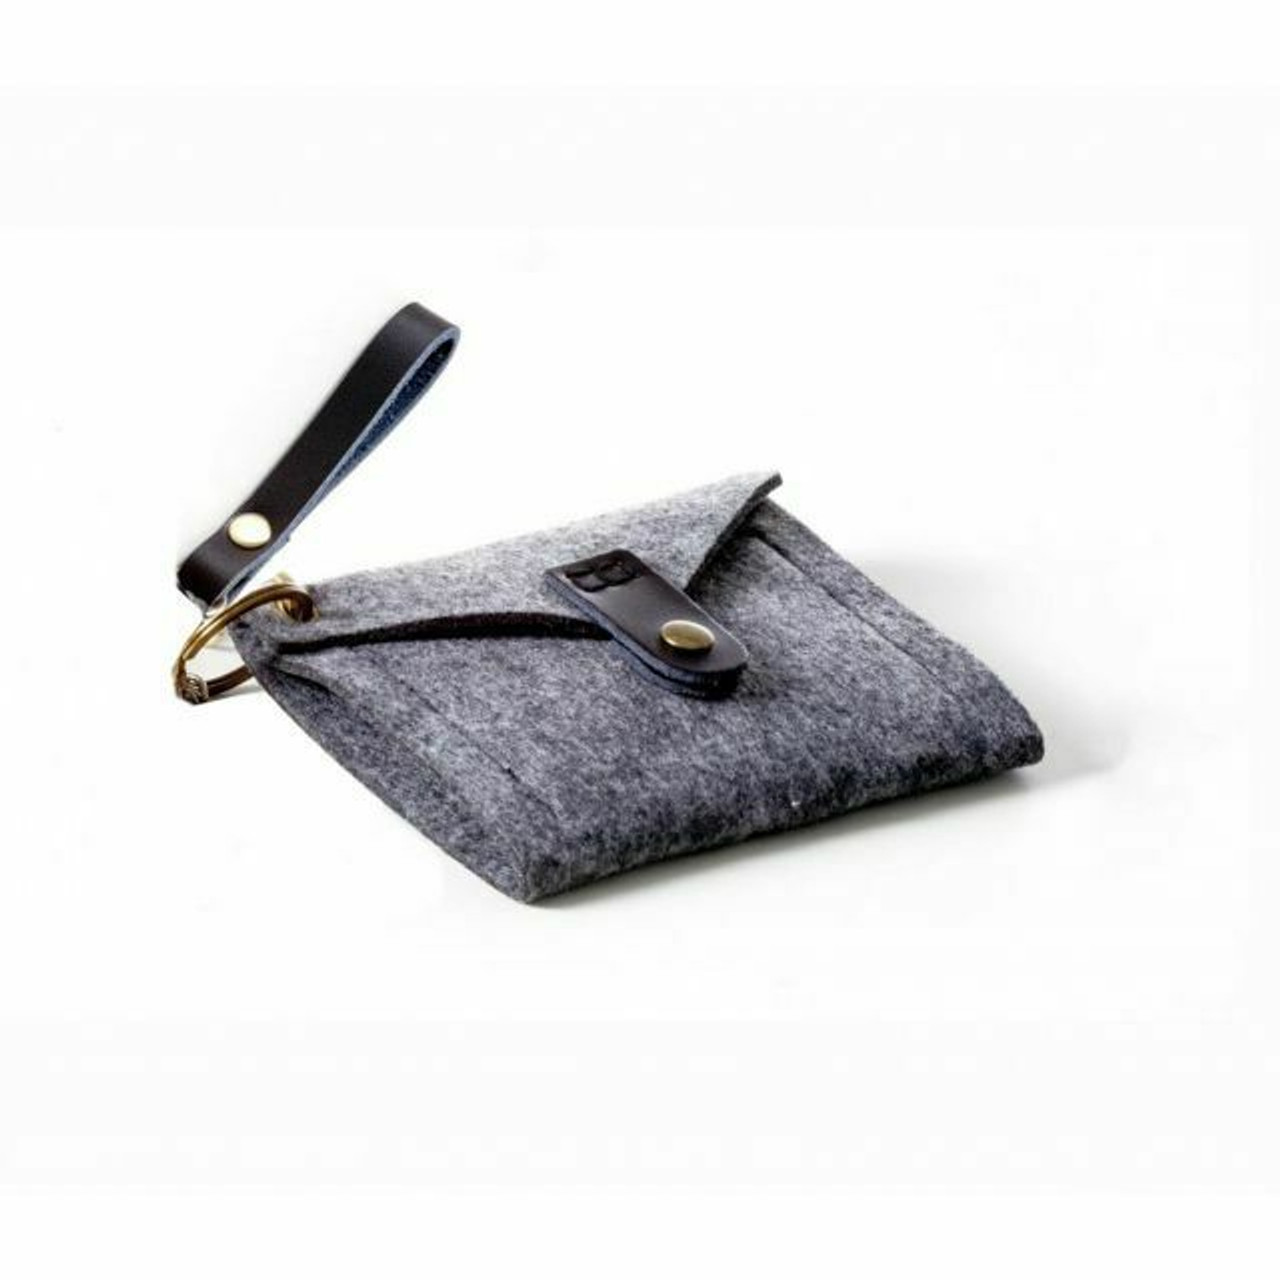 Aster & Anne Needle Holder Kit